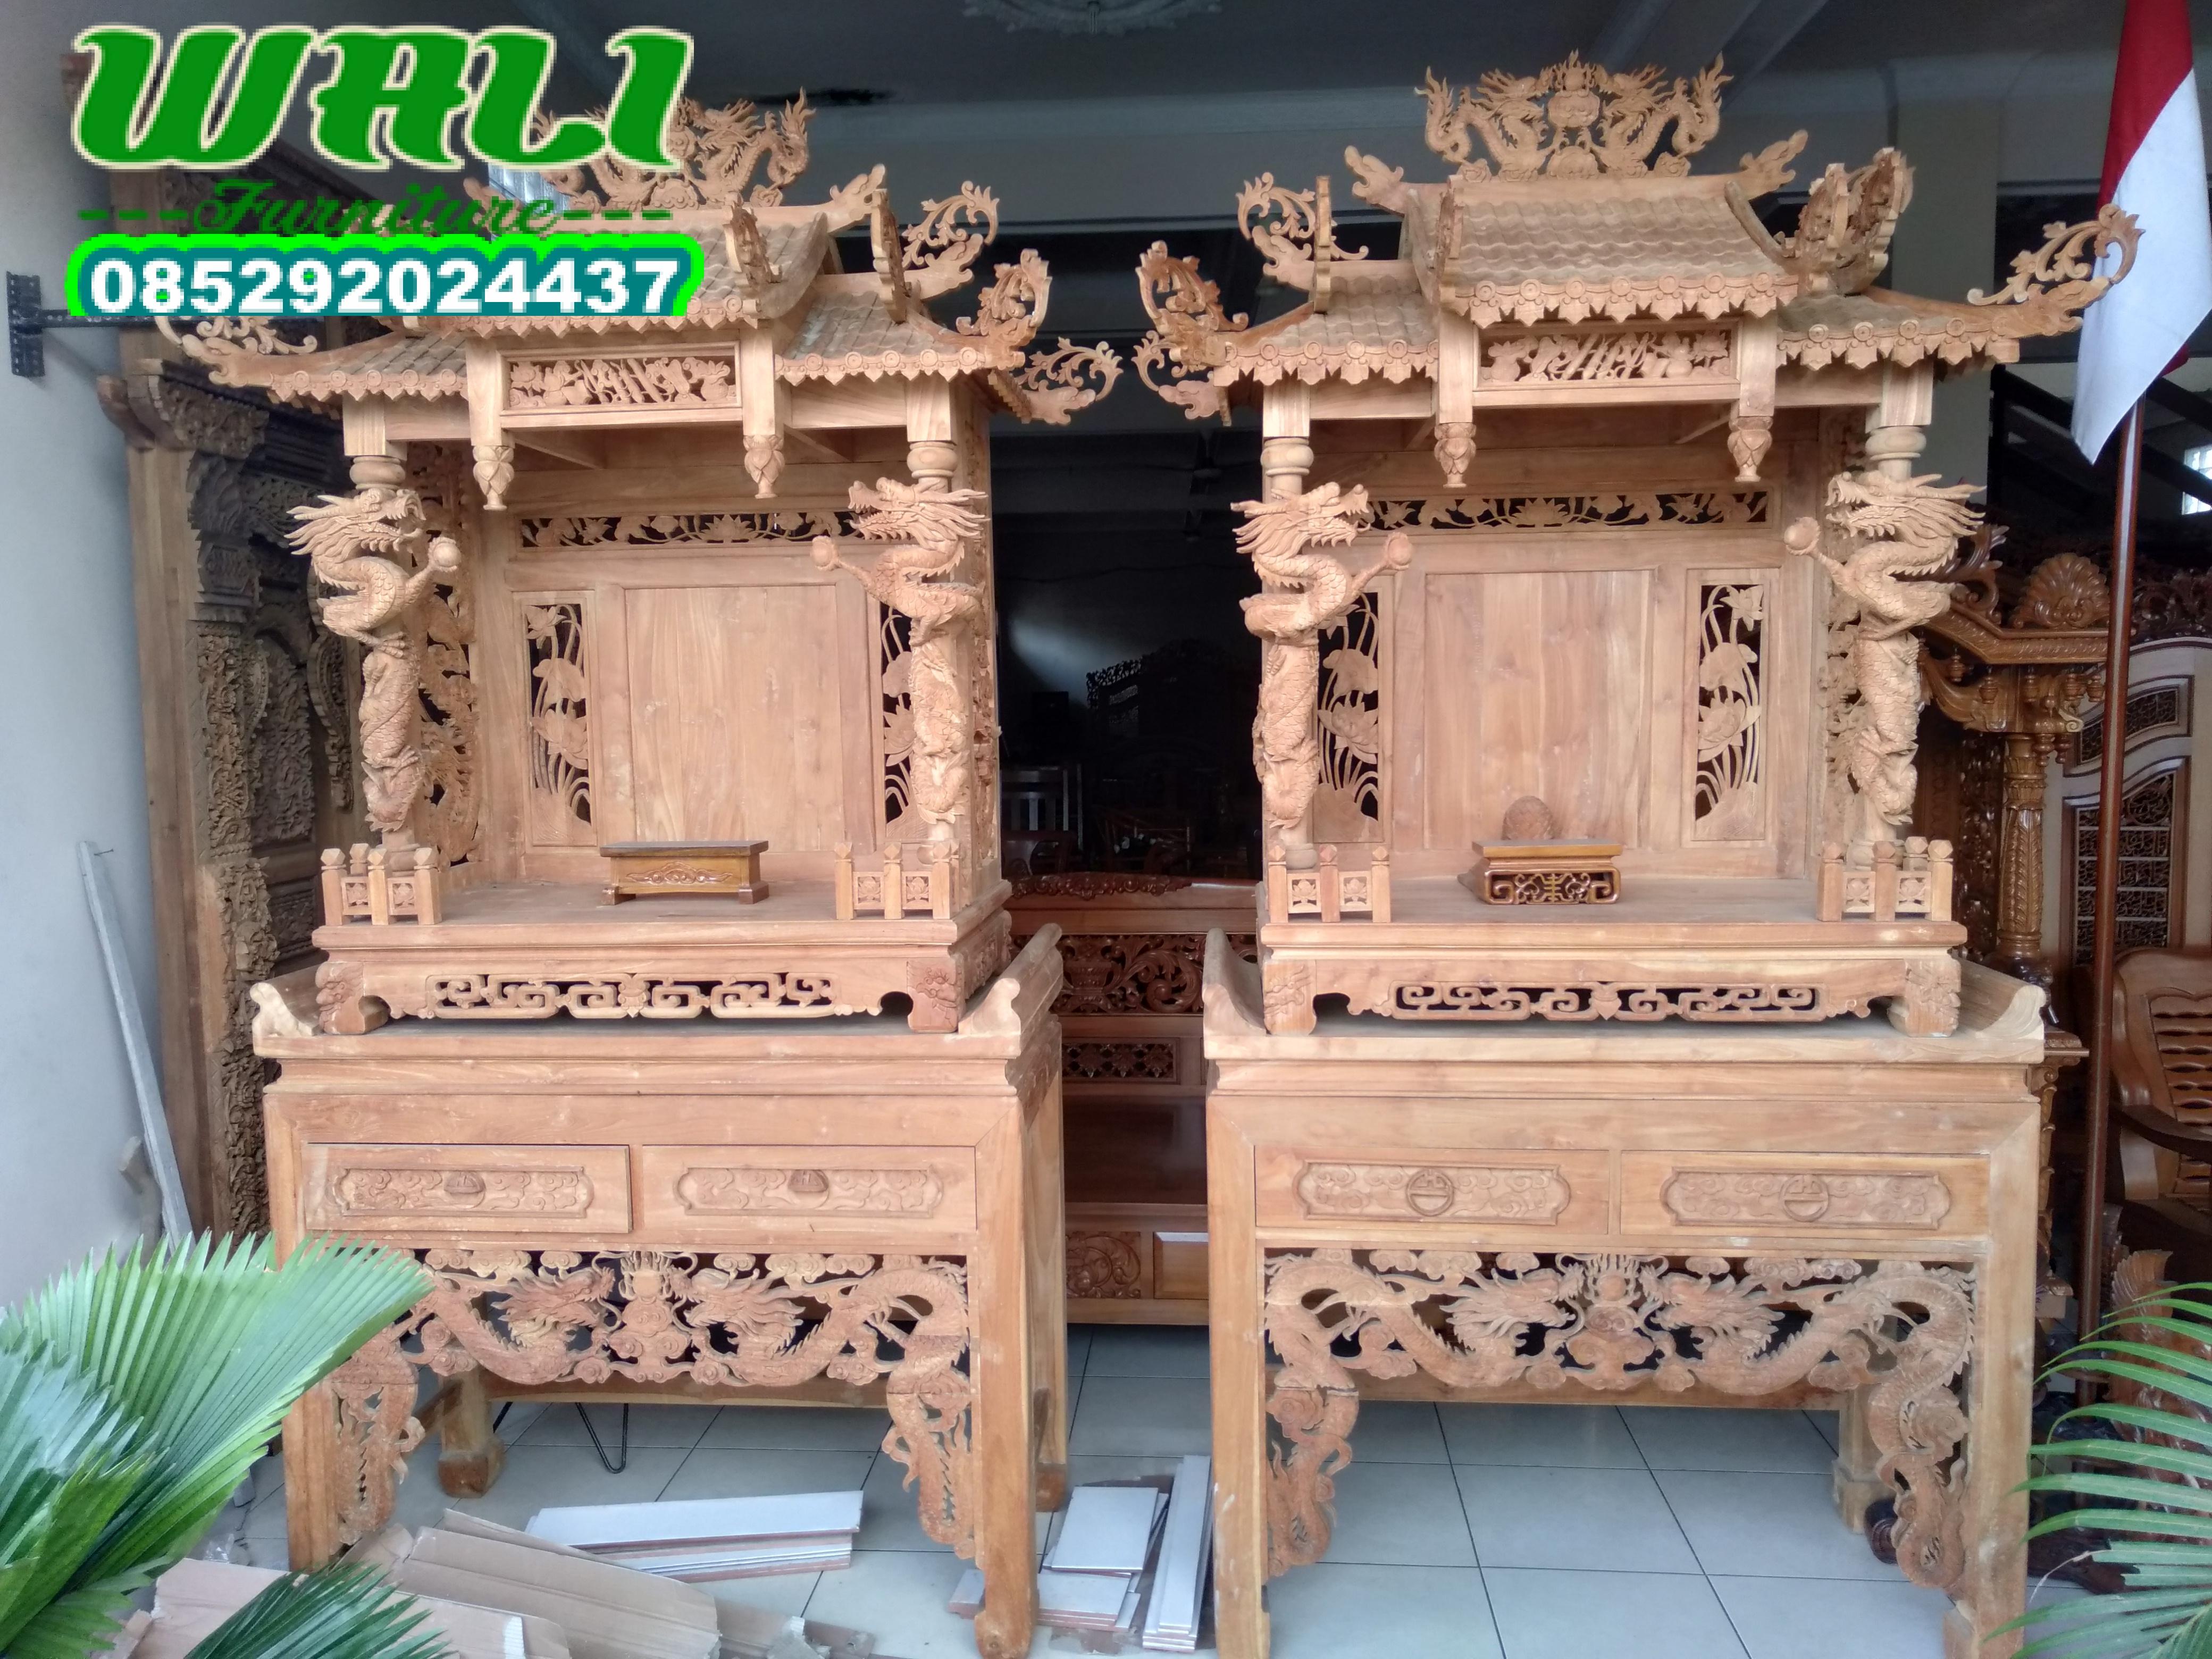 meja altar tempat dewa bumi bersemayam,meja altar besar,meja altar kecil,meja sembahyang,meja dewa bumi,meja joli,joli besar,joli kecil,tempat arak arak,meja altar ukir naga.